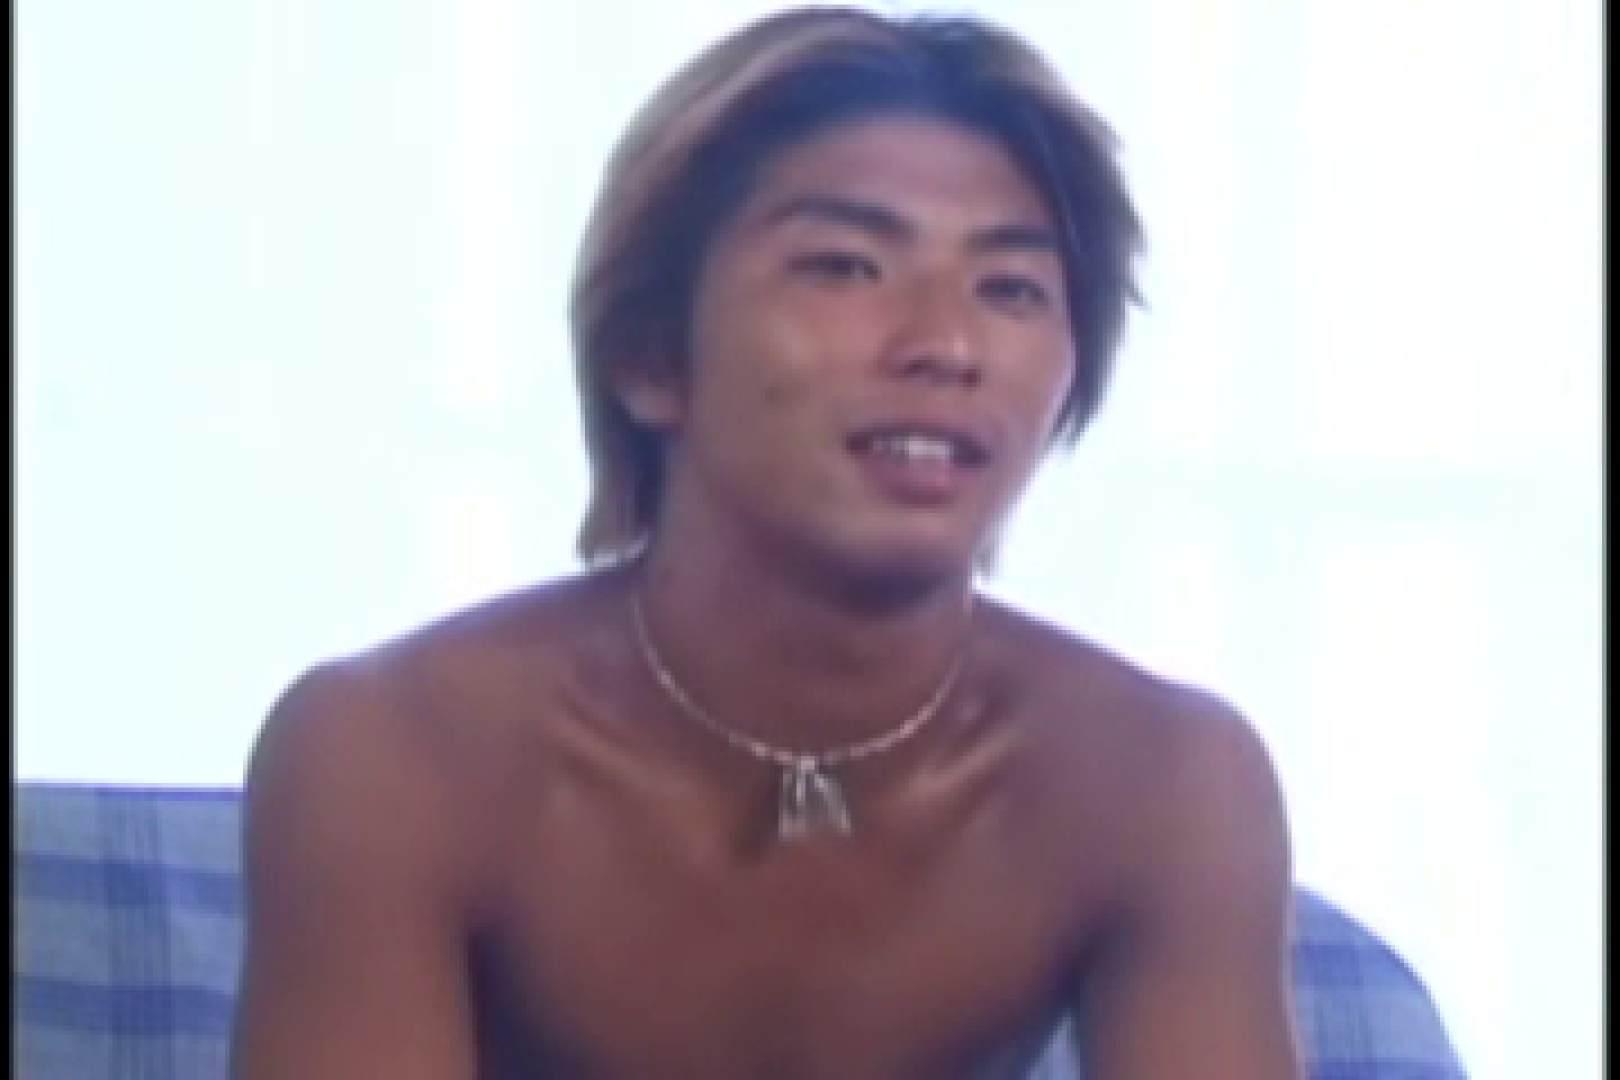 ノンケ!!イケメンサーファーのお試し初体験 ゲイのオナニー映像 ちんぽ画像 73枚 26